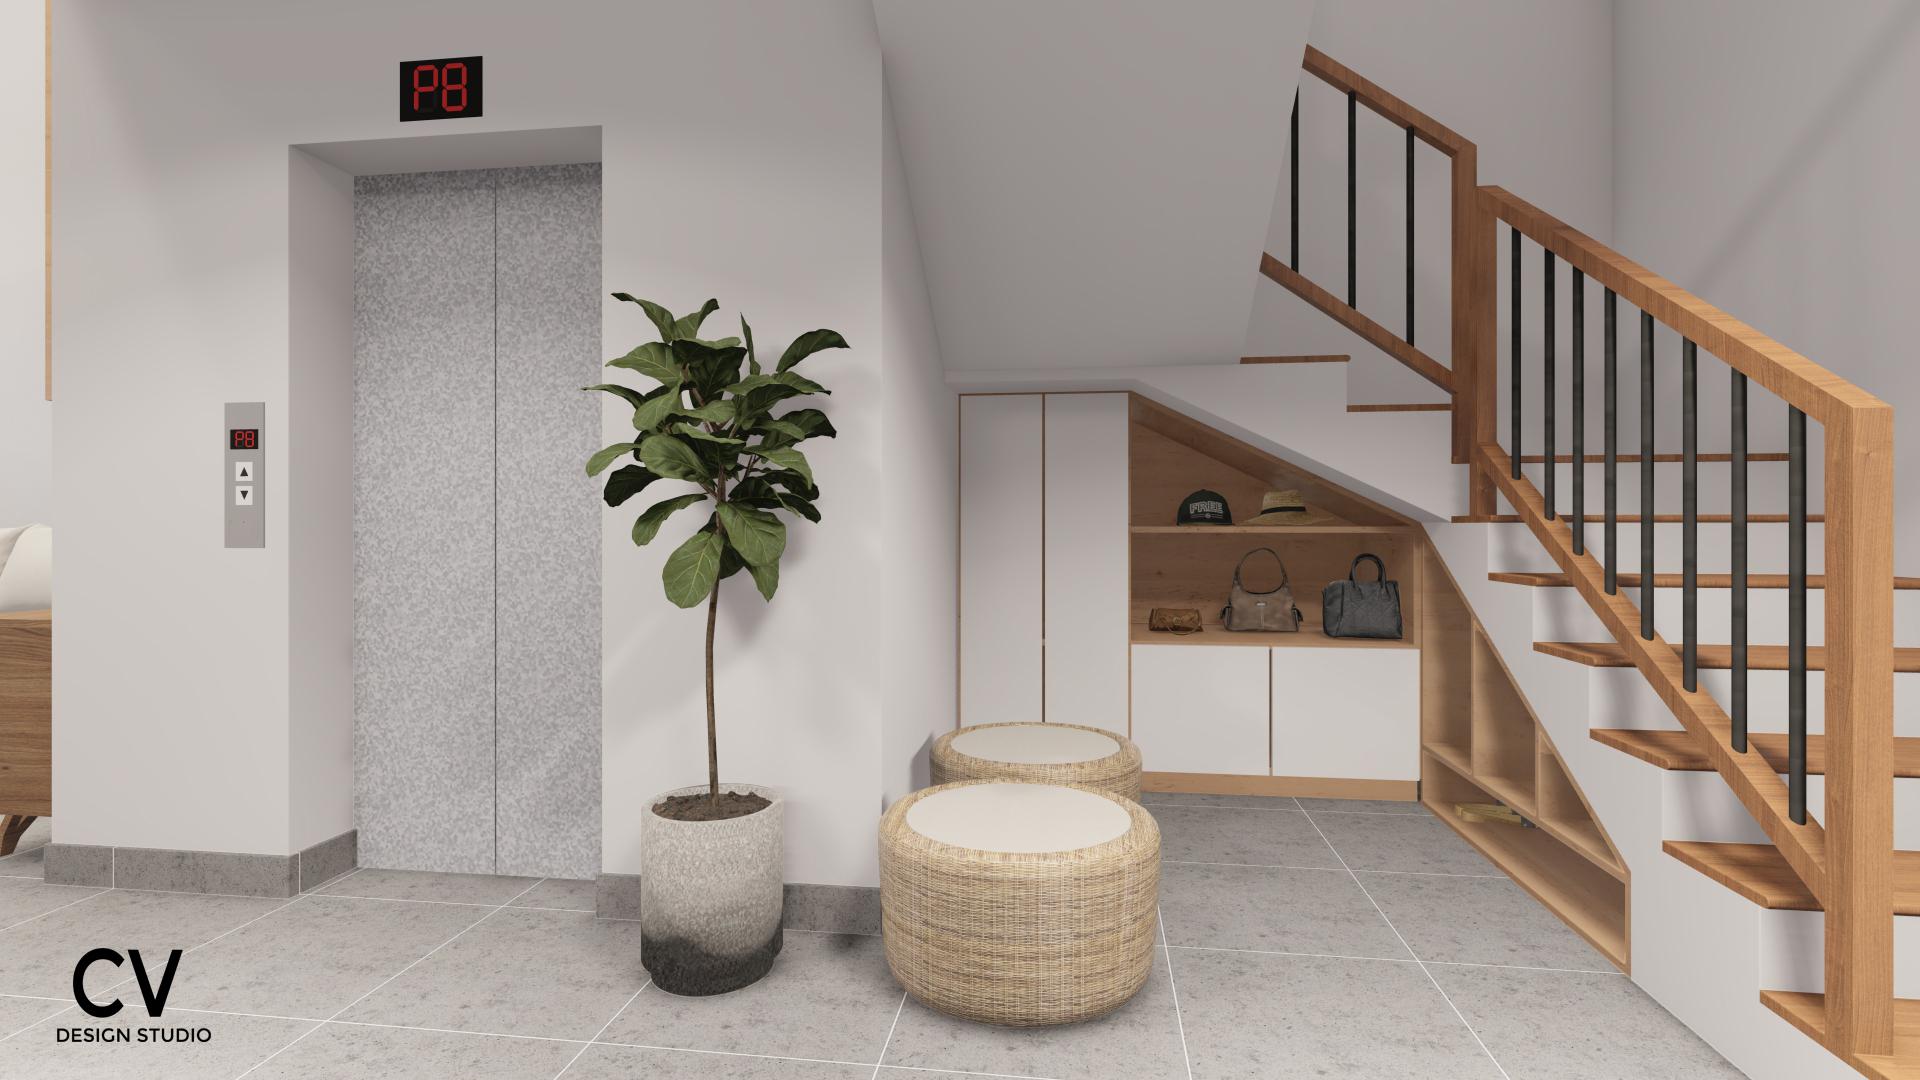 Thiết kế nội thất Nhà Mặt Phố tại An Giang H+ House 1600088020 3